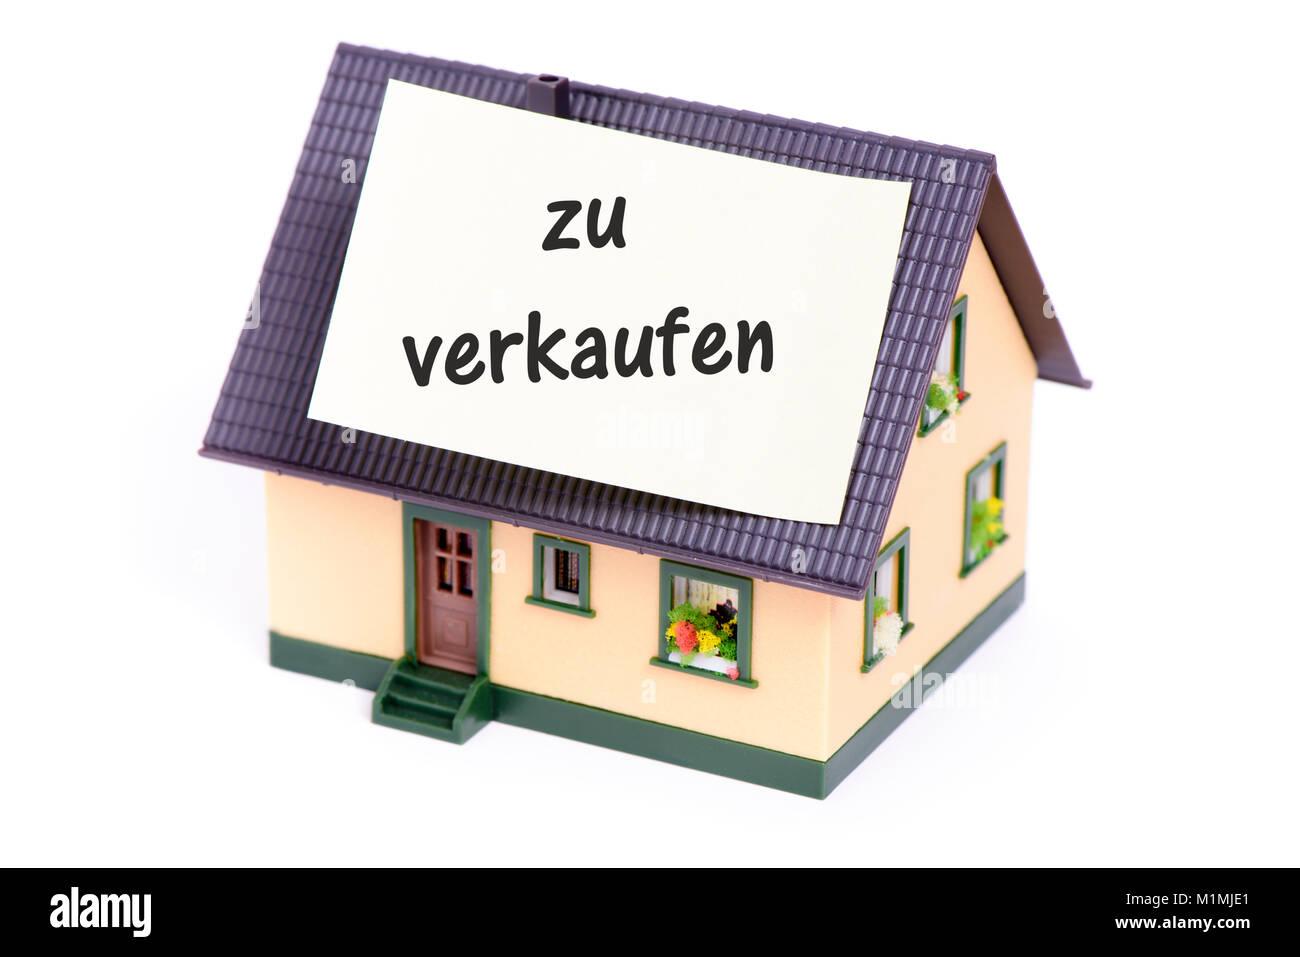 Haus zu verkaufen - Stock Image